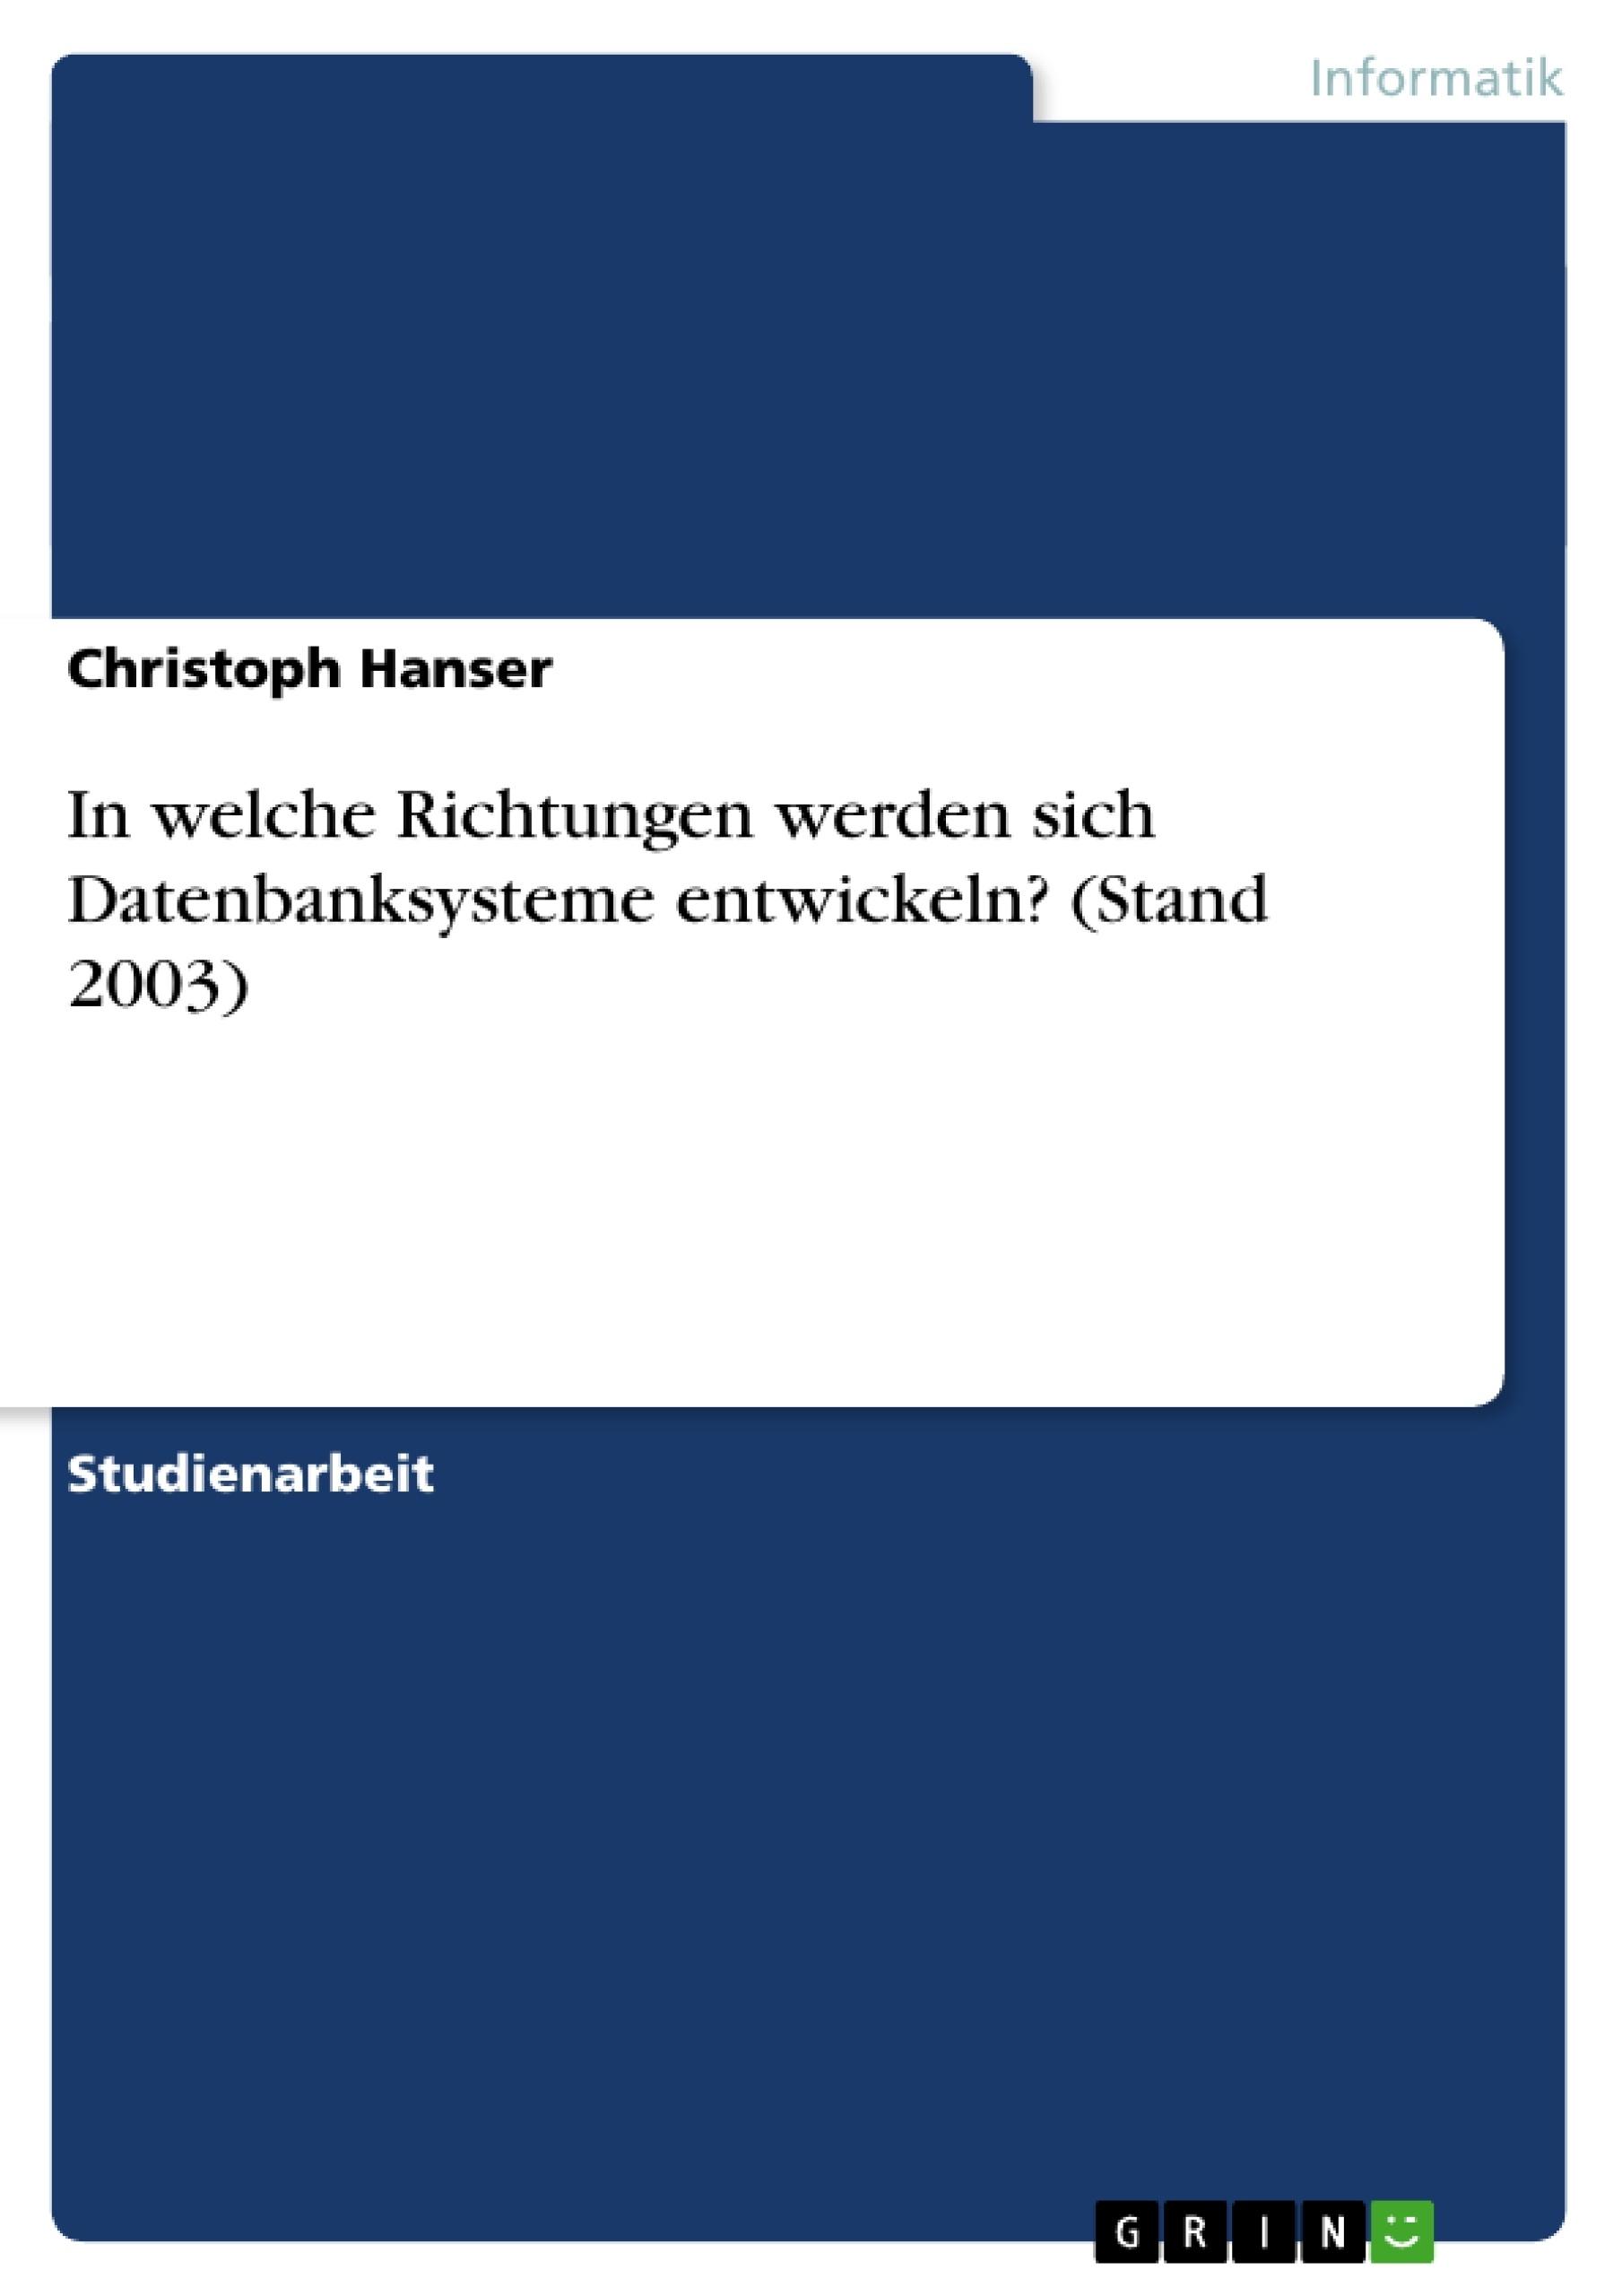 Titel: In welche Richtungen werden sich Datenbanksysteme entwickeln? (Stand 2003)